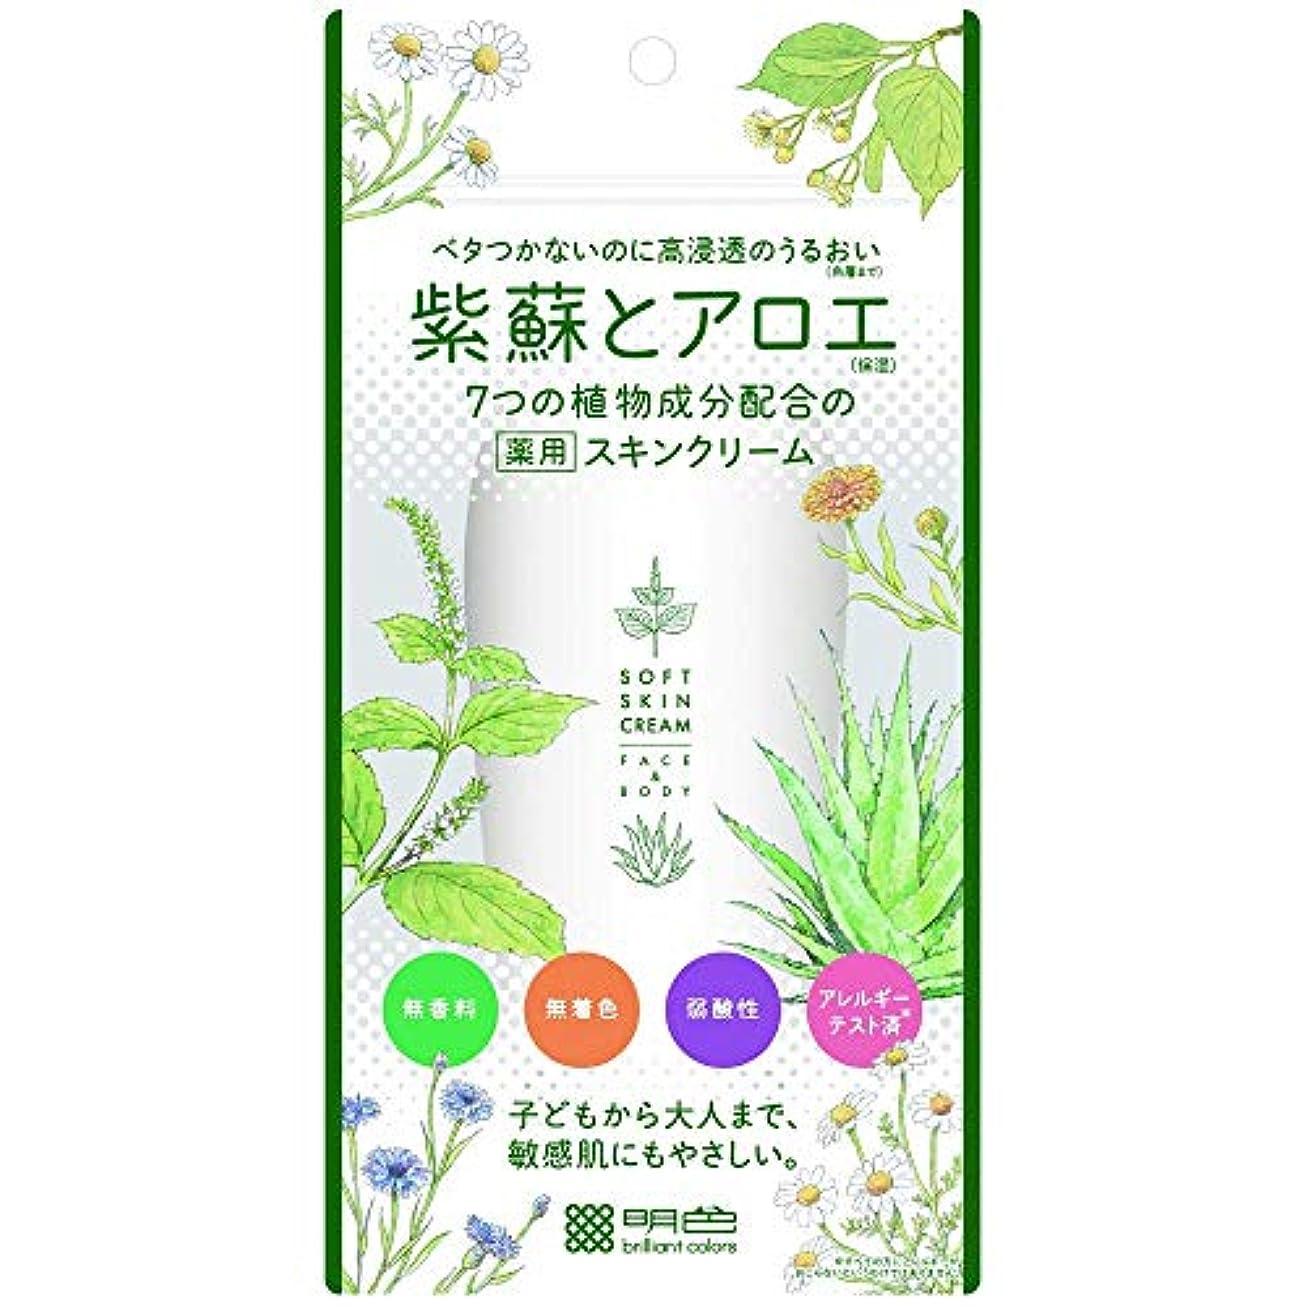 評価きれいに麦芽【9個セット】紫蘇とアロエ 薬用スキンクリーム 190g